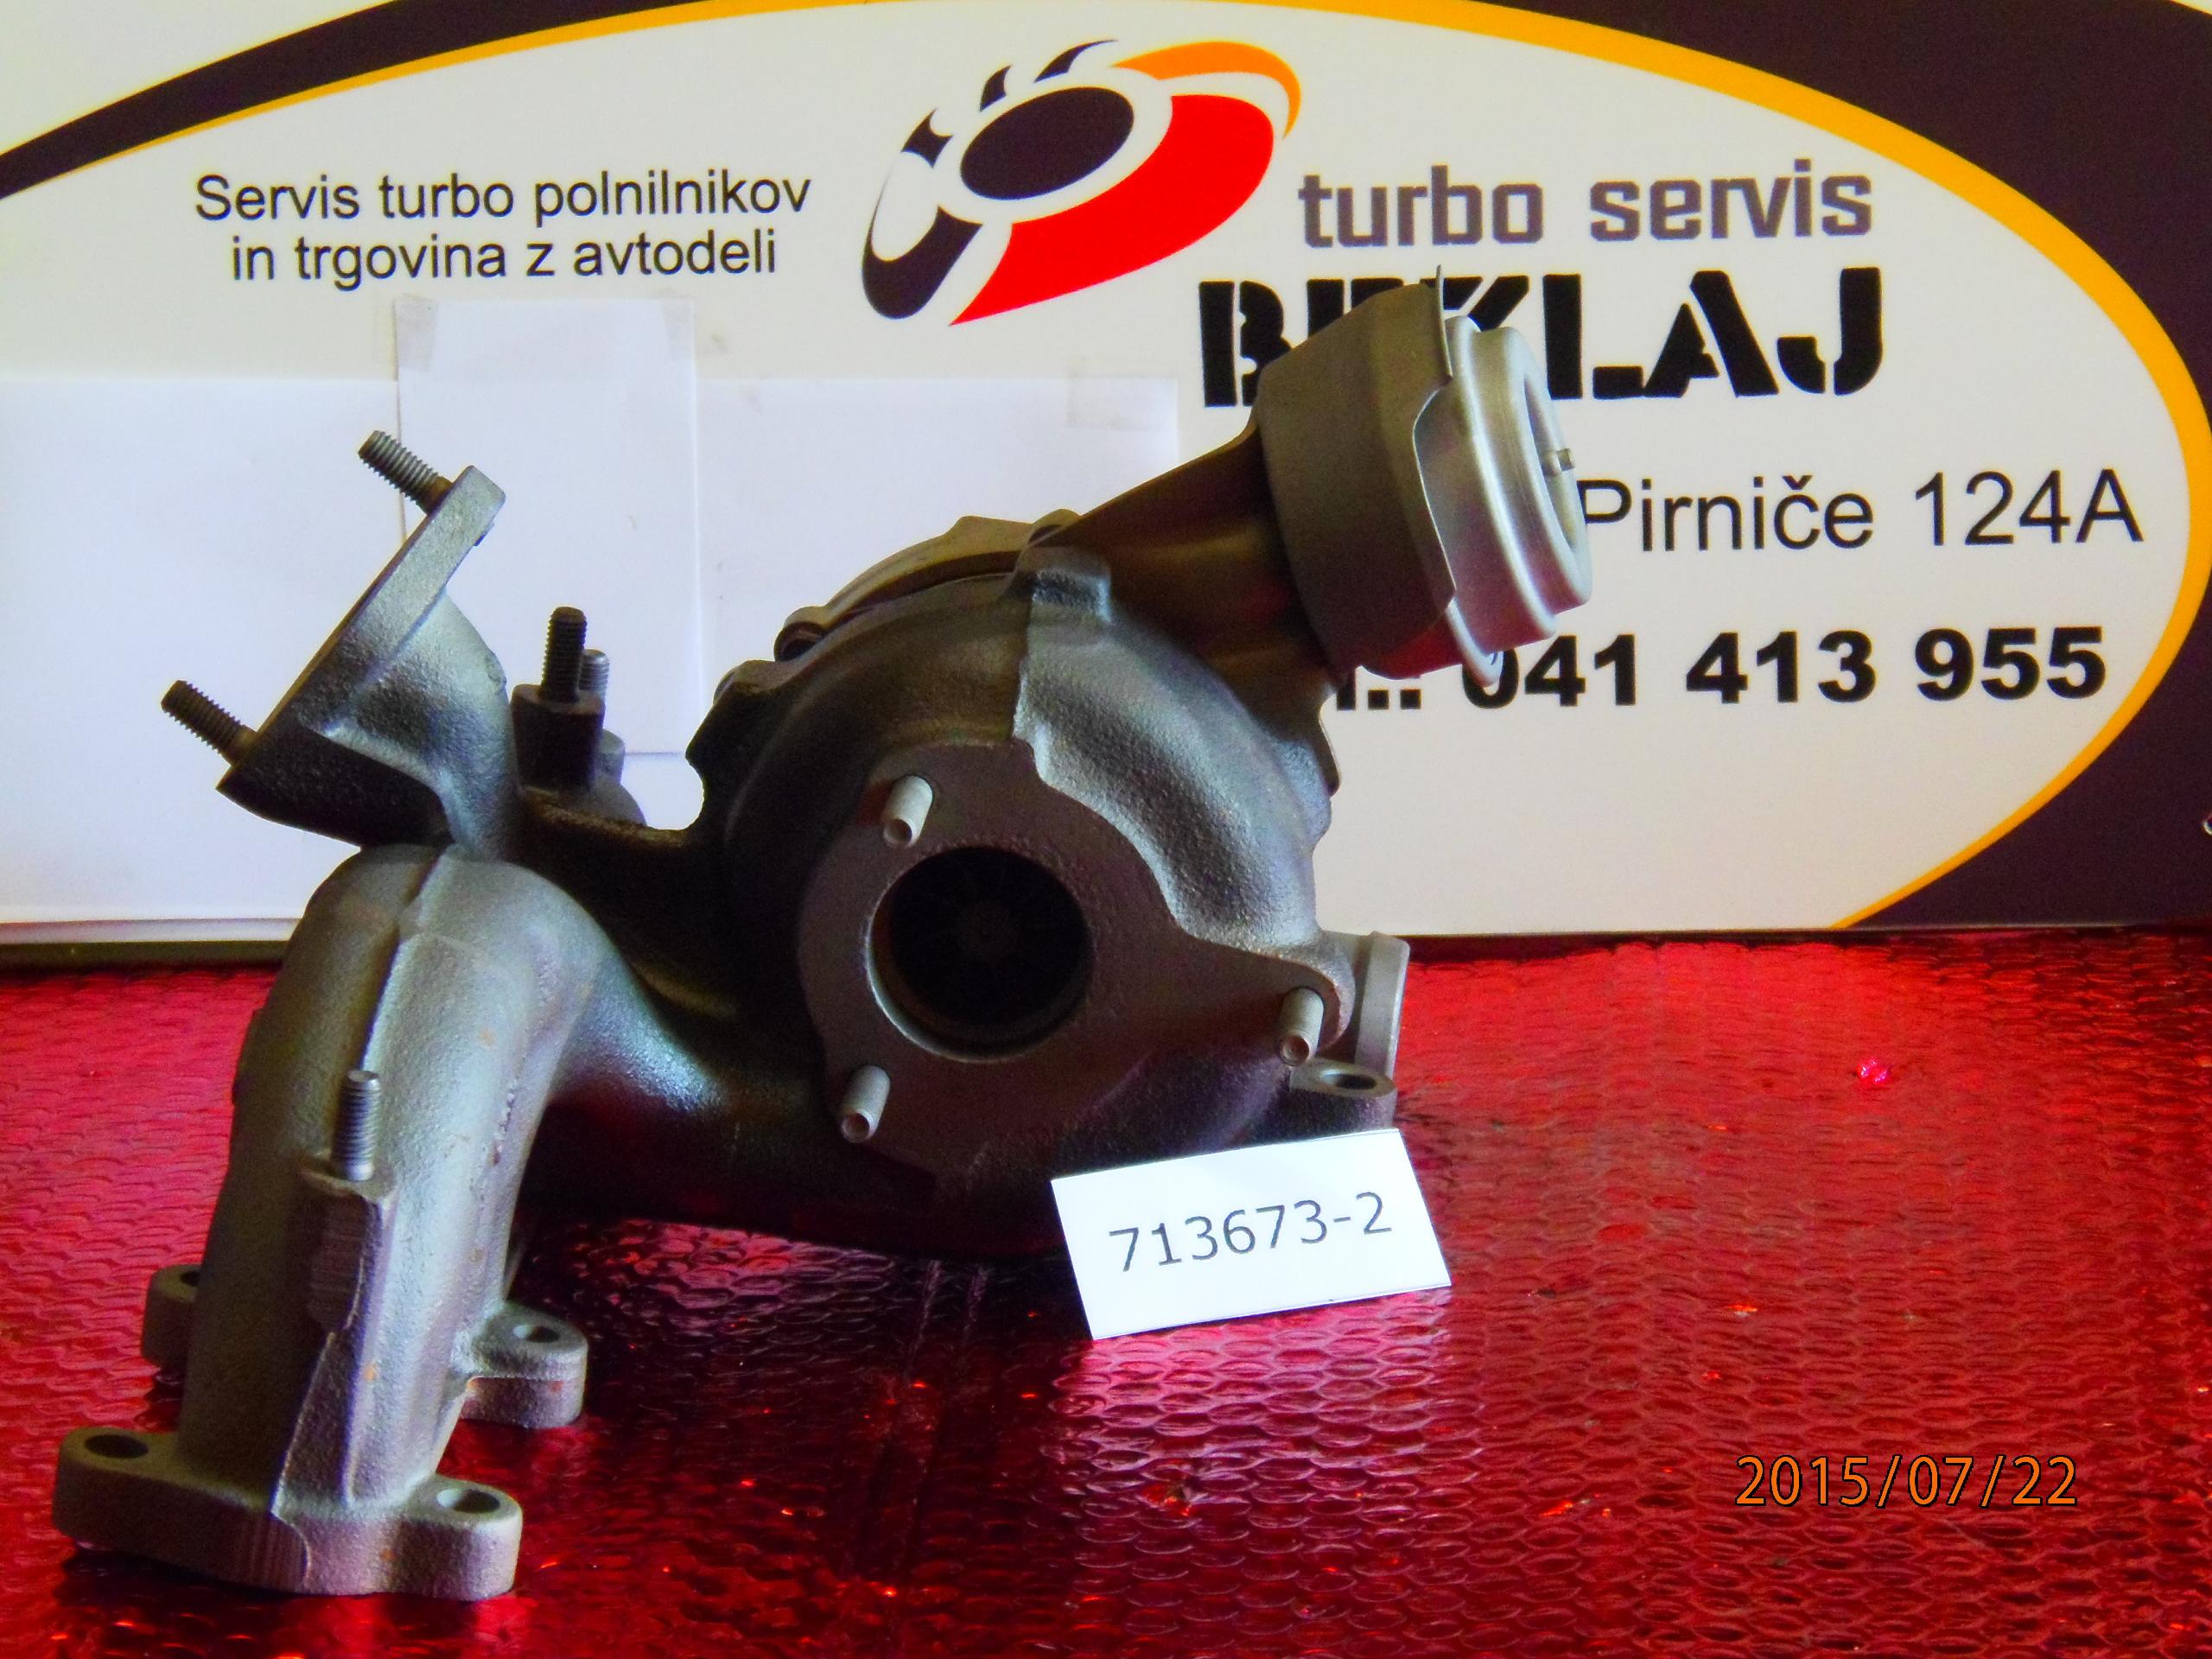 turbo713673-2 (2)